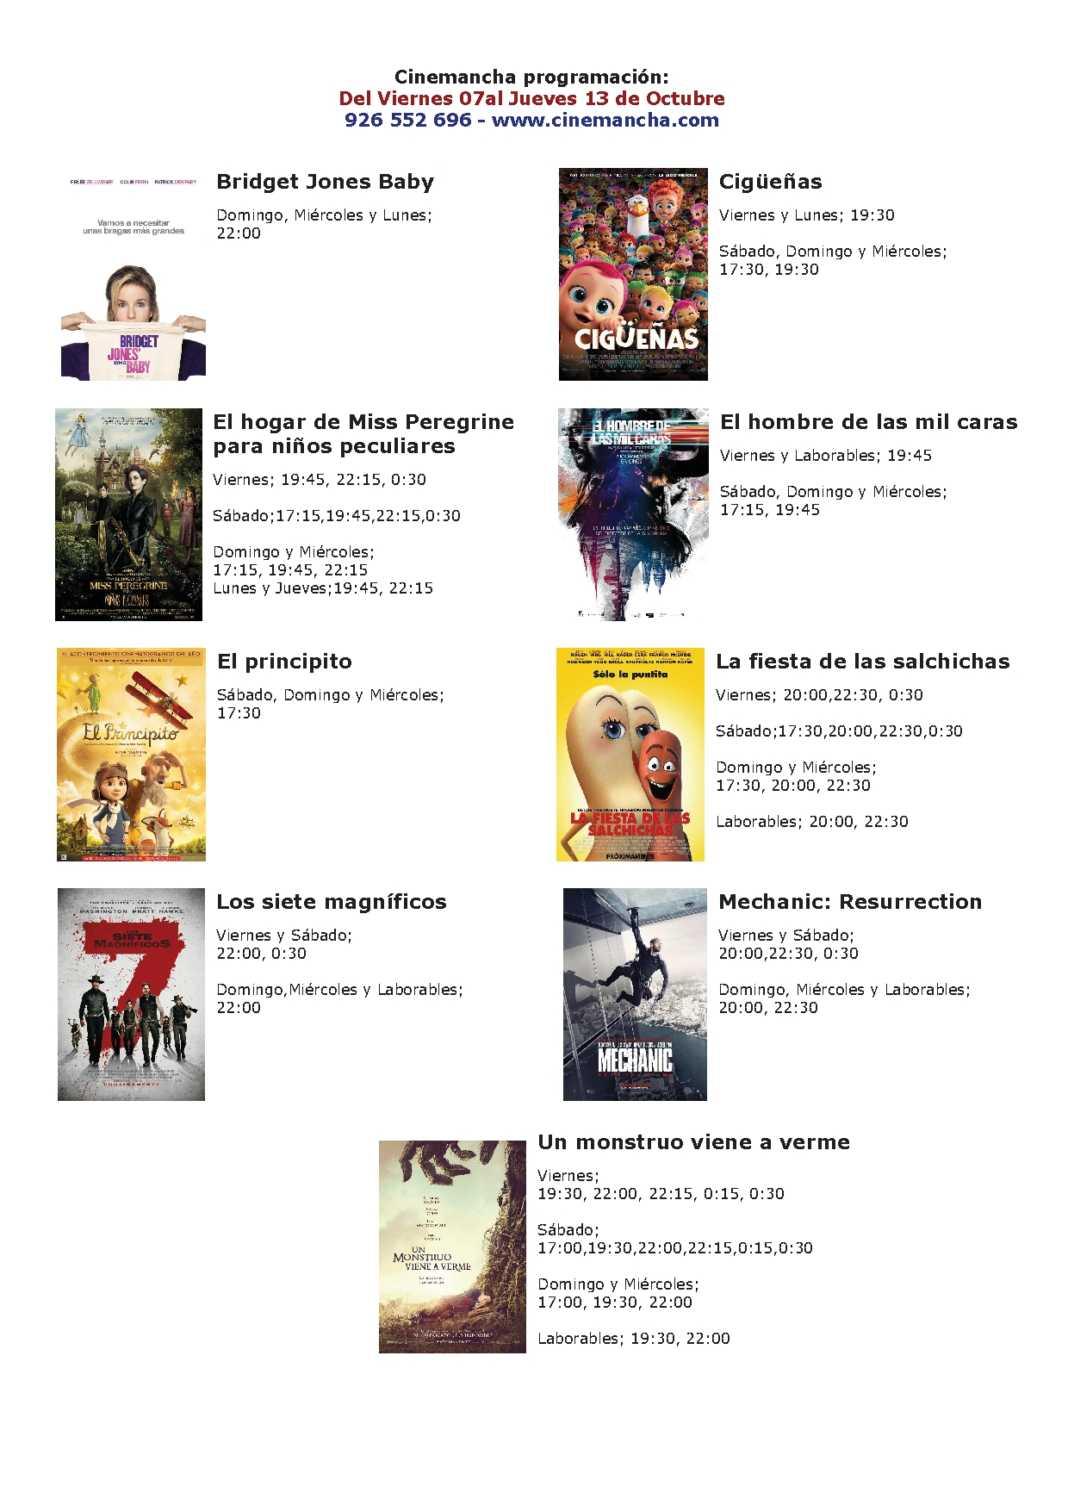 cartelera de cinemancha del 07 al 13 de octubre 1068x1511 - Cartelera Cinemancha del viernes 7 al jueves 13 de octubre